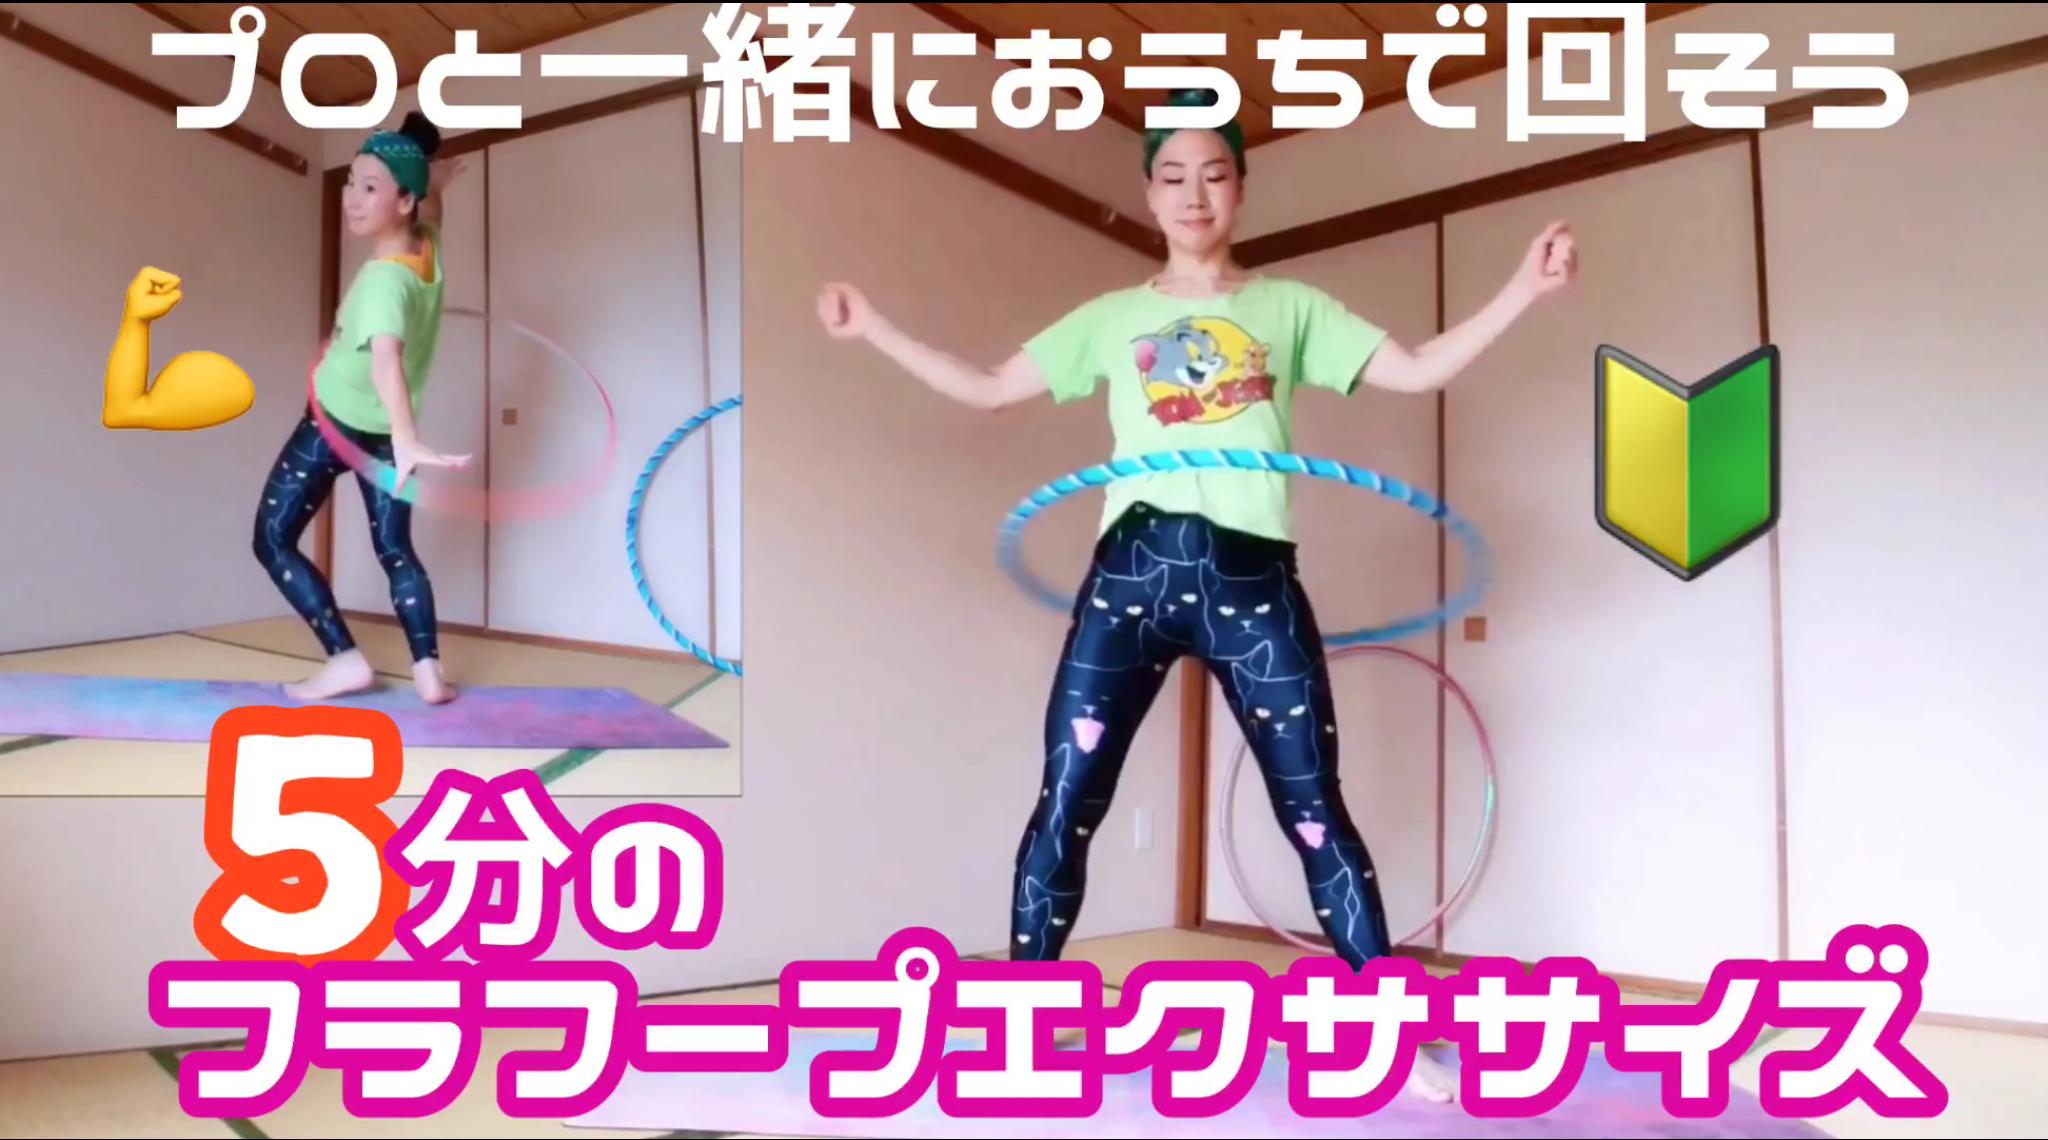 日本初のフラフープ&フープダンススクール【フープ東京】オフィシャルブログ【夏休み特別企画】おひとり様料金で家族一緒にフラフープを習える・一画面ファミリーレッスンプランはじめました